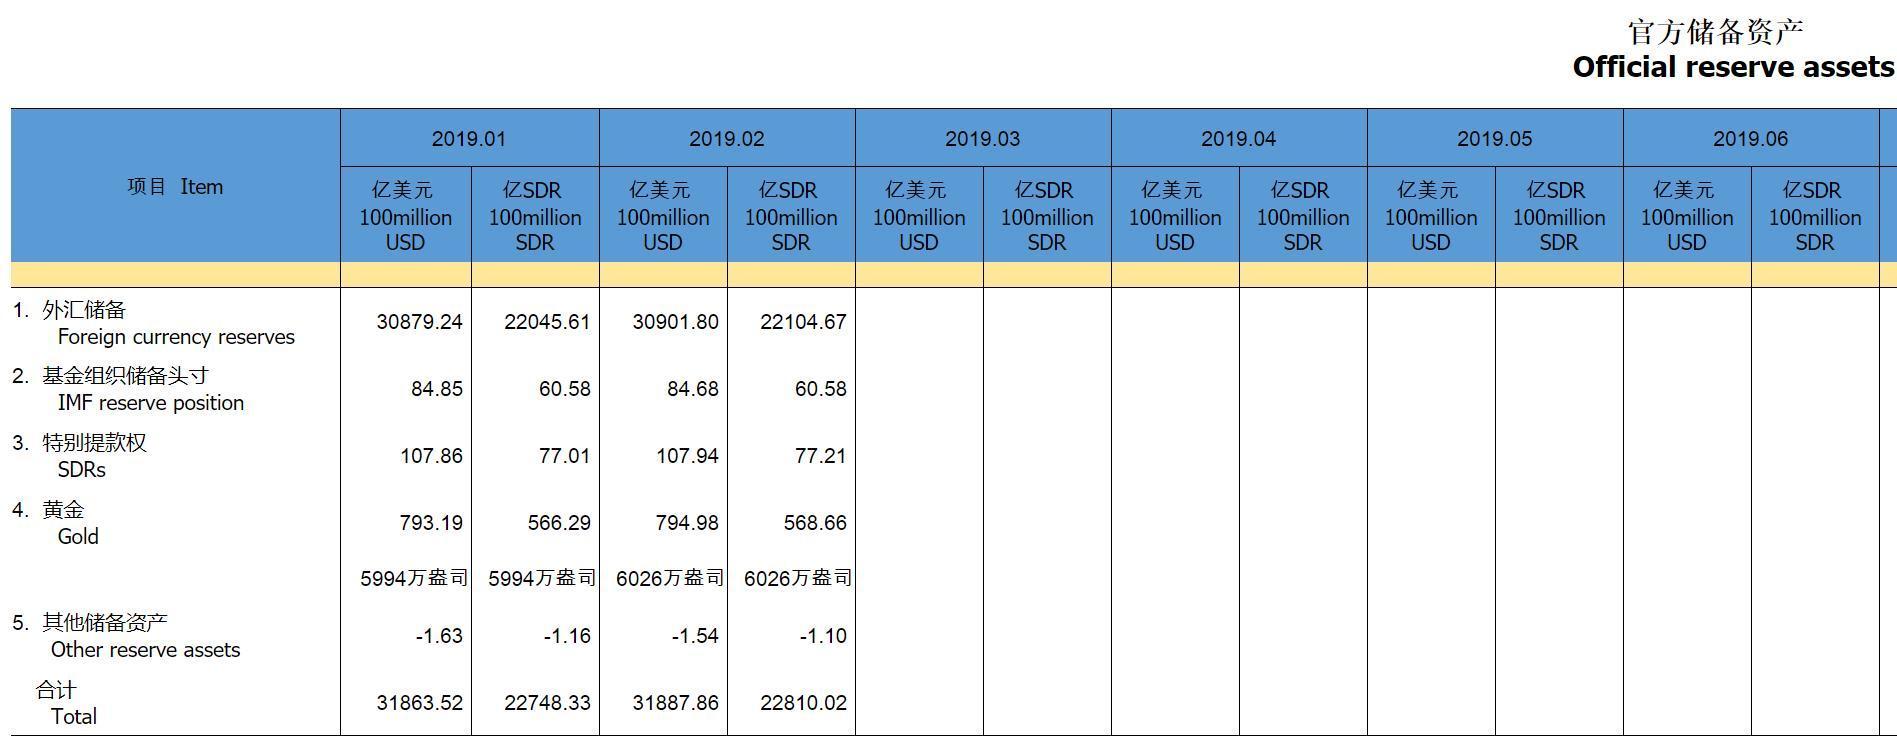 刚刚中国公布数据:外汇储备连续4个月增加,连续3个月增持黄金:外汇储备世界排名